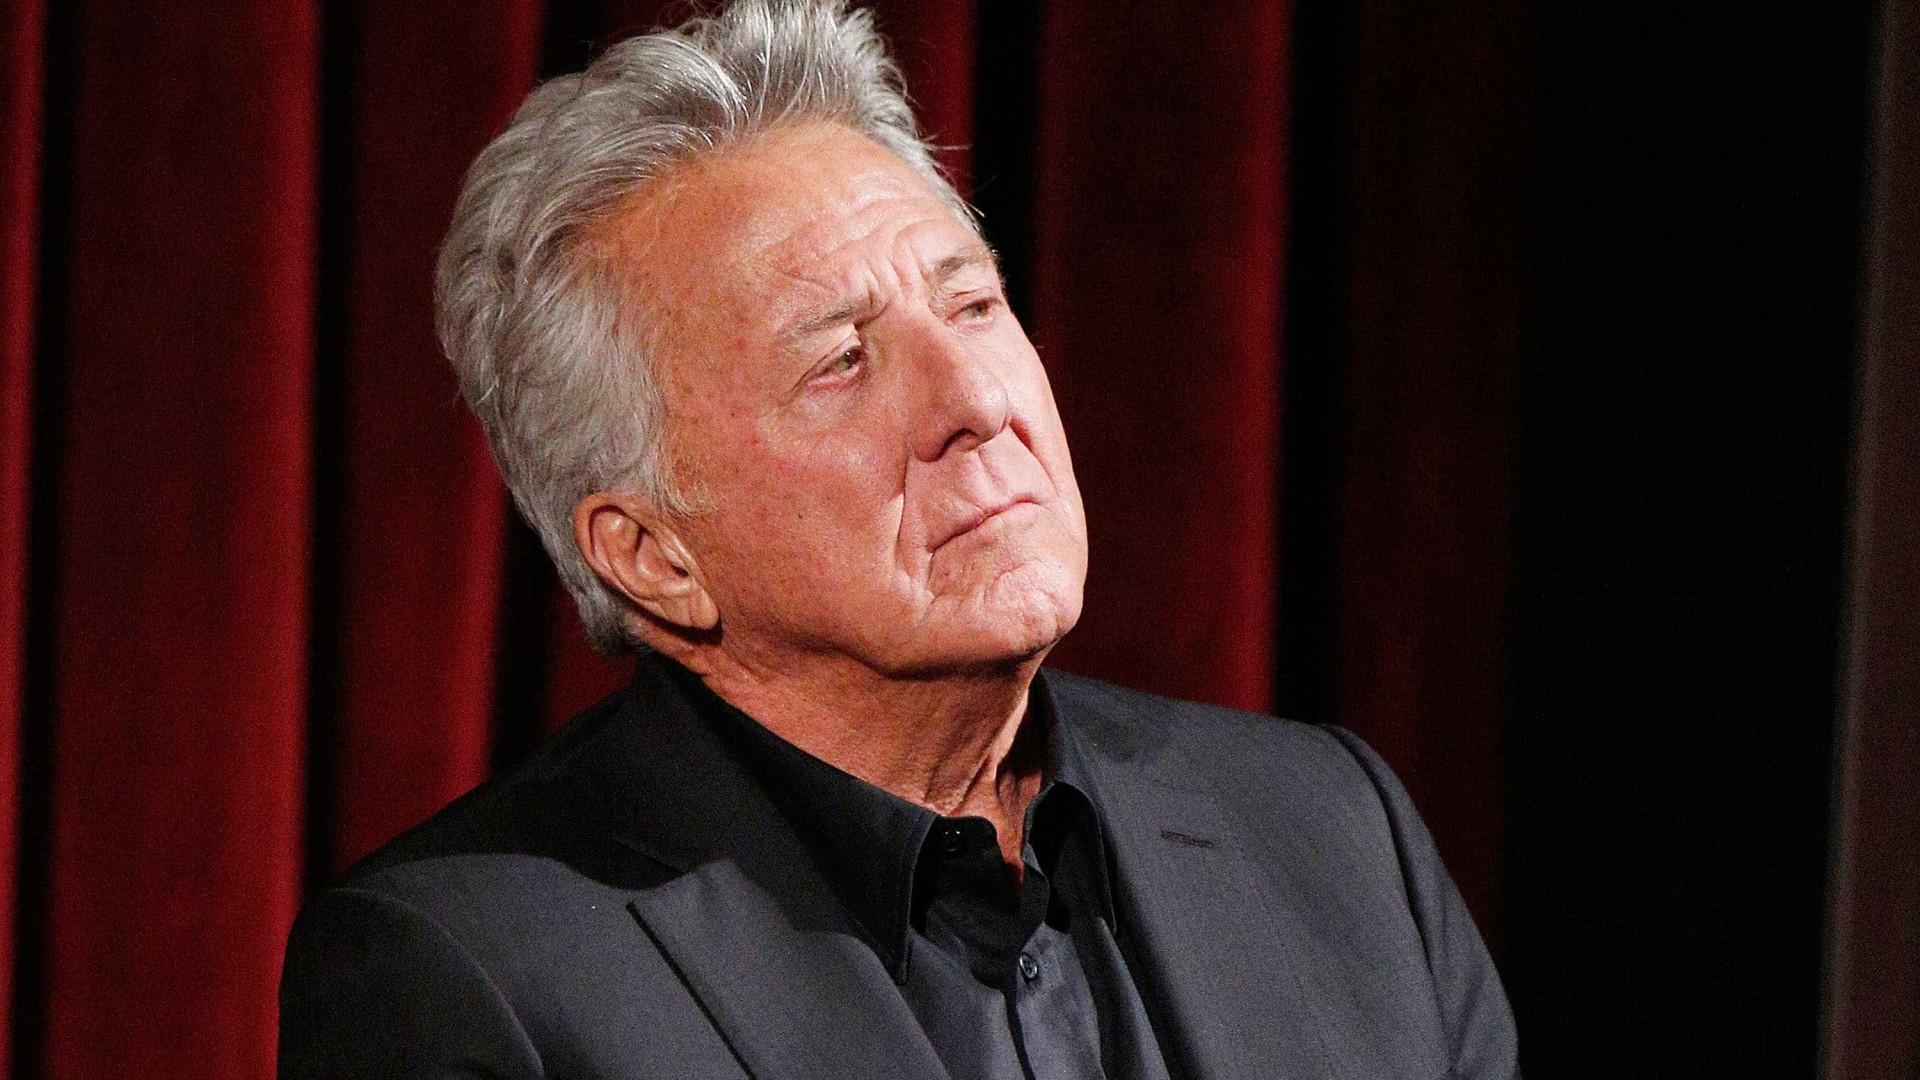 Dustin Hoffman é acusado de assédio por mais 3 mulheres